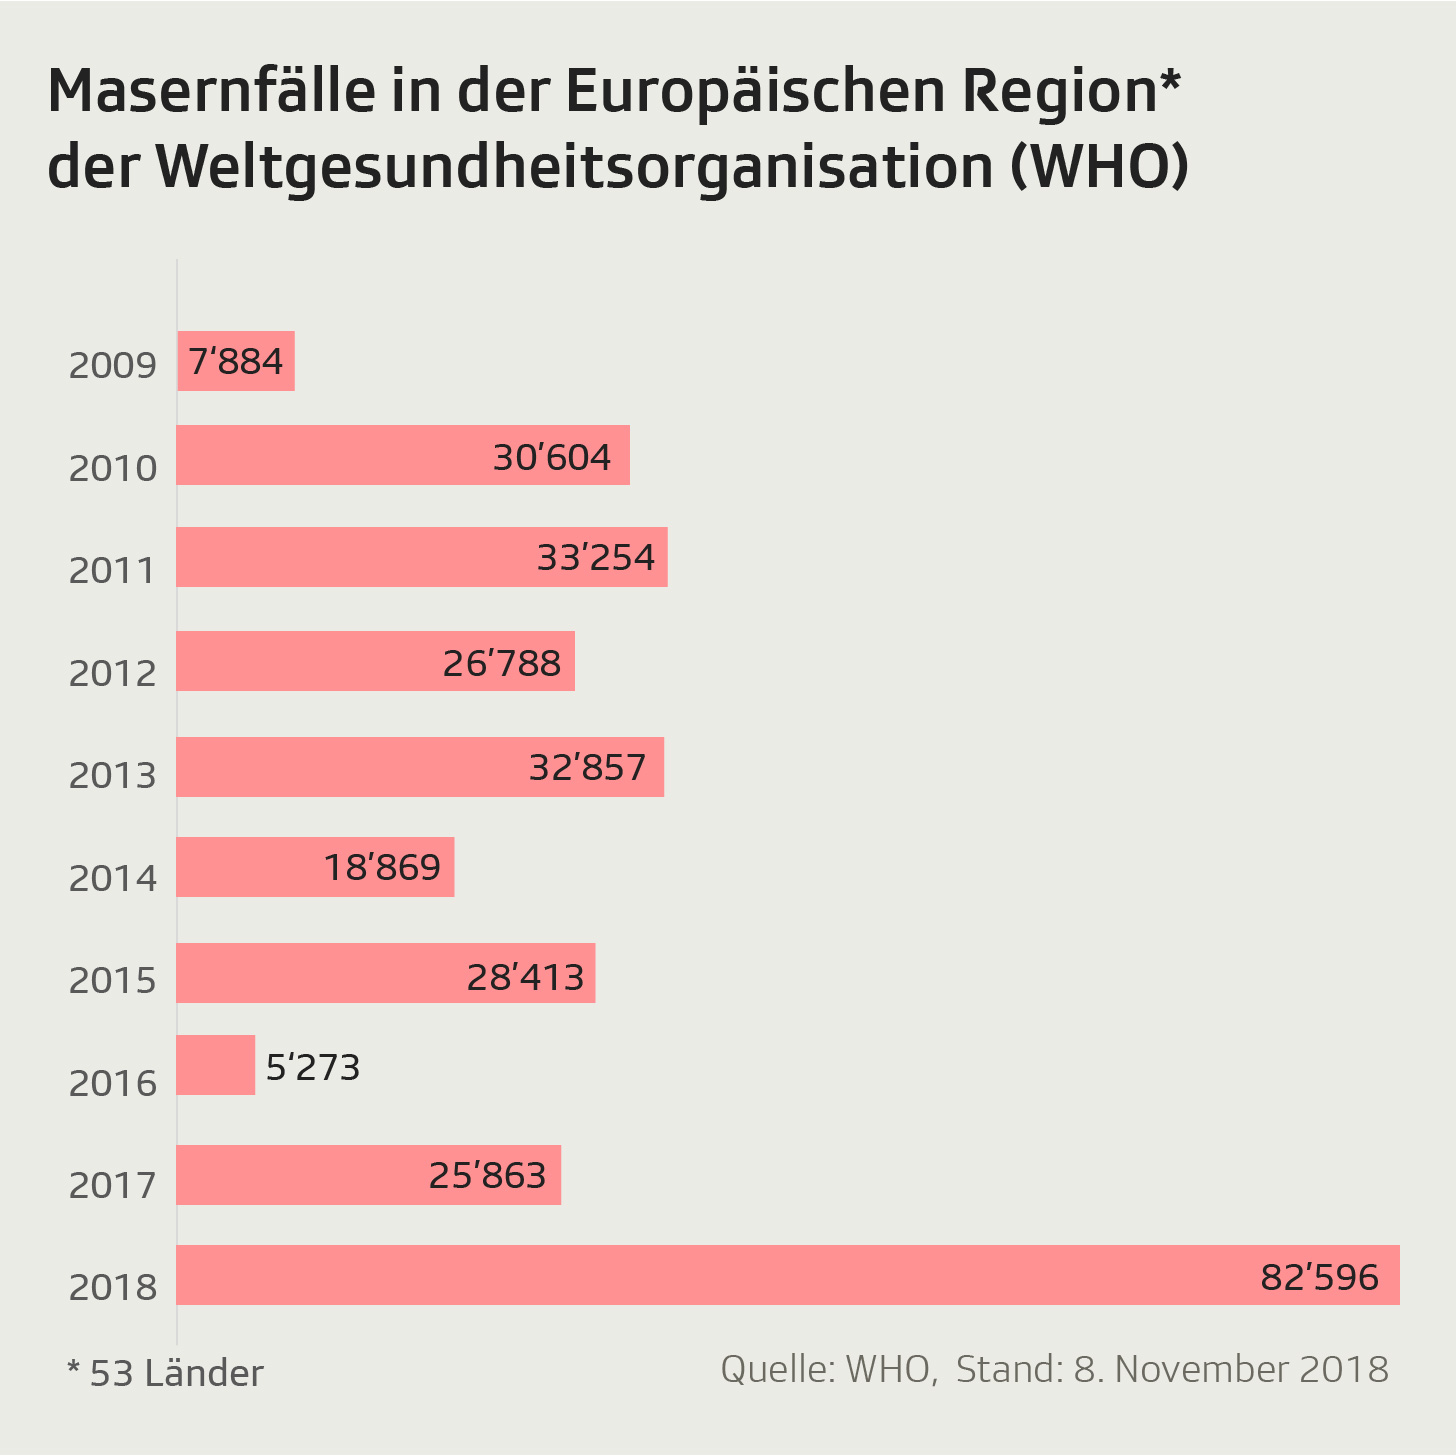 Grafik zeigt Anzahl der Masernfälle in der Europäischen Region der WHO seit 2009